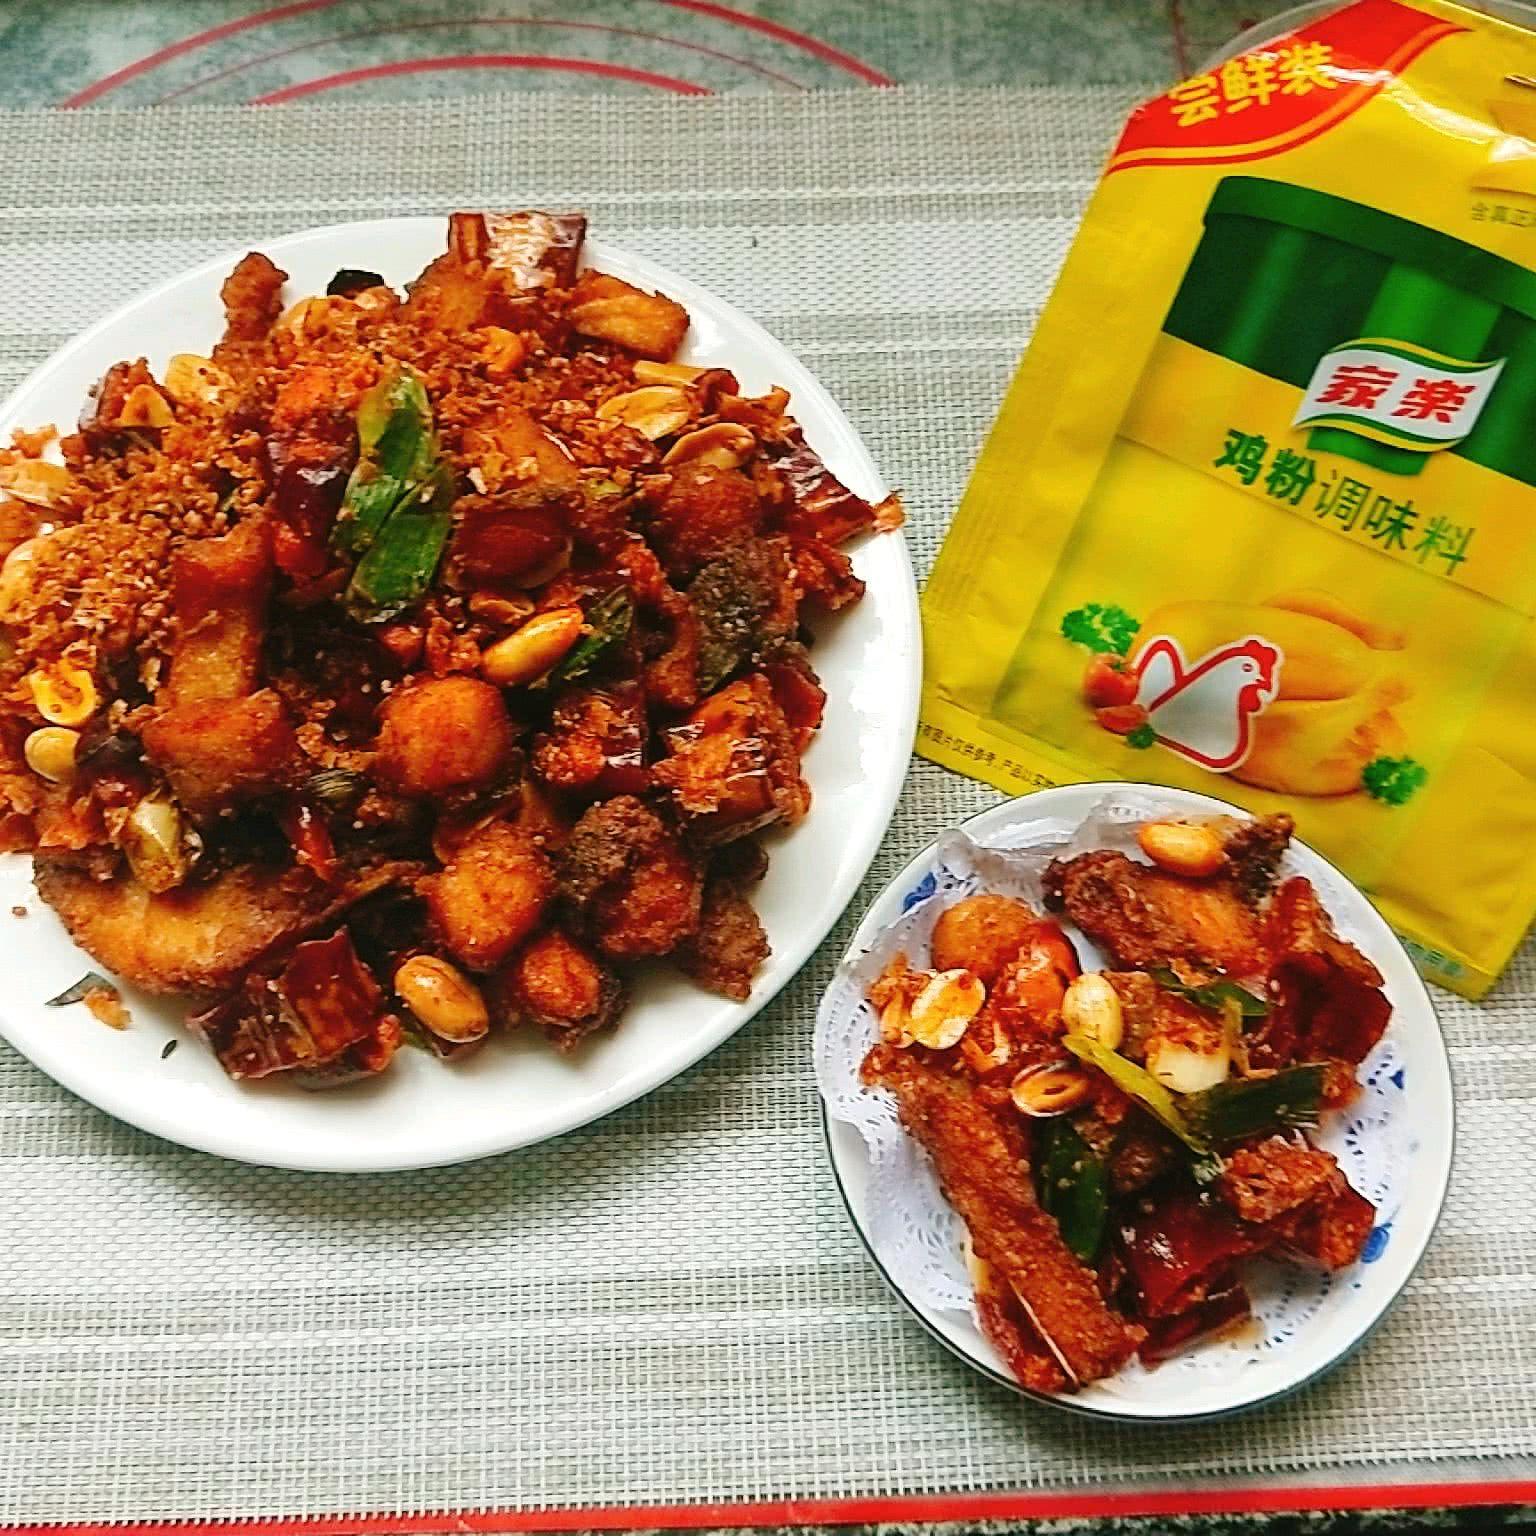 辣椒酥炒鱼块+#鲜有赞,爱有伴#